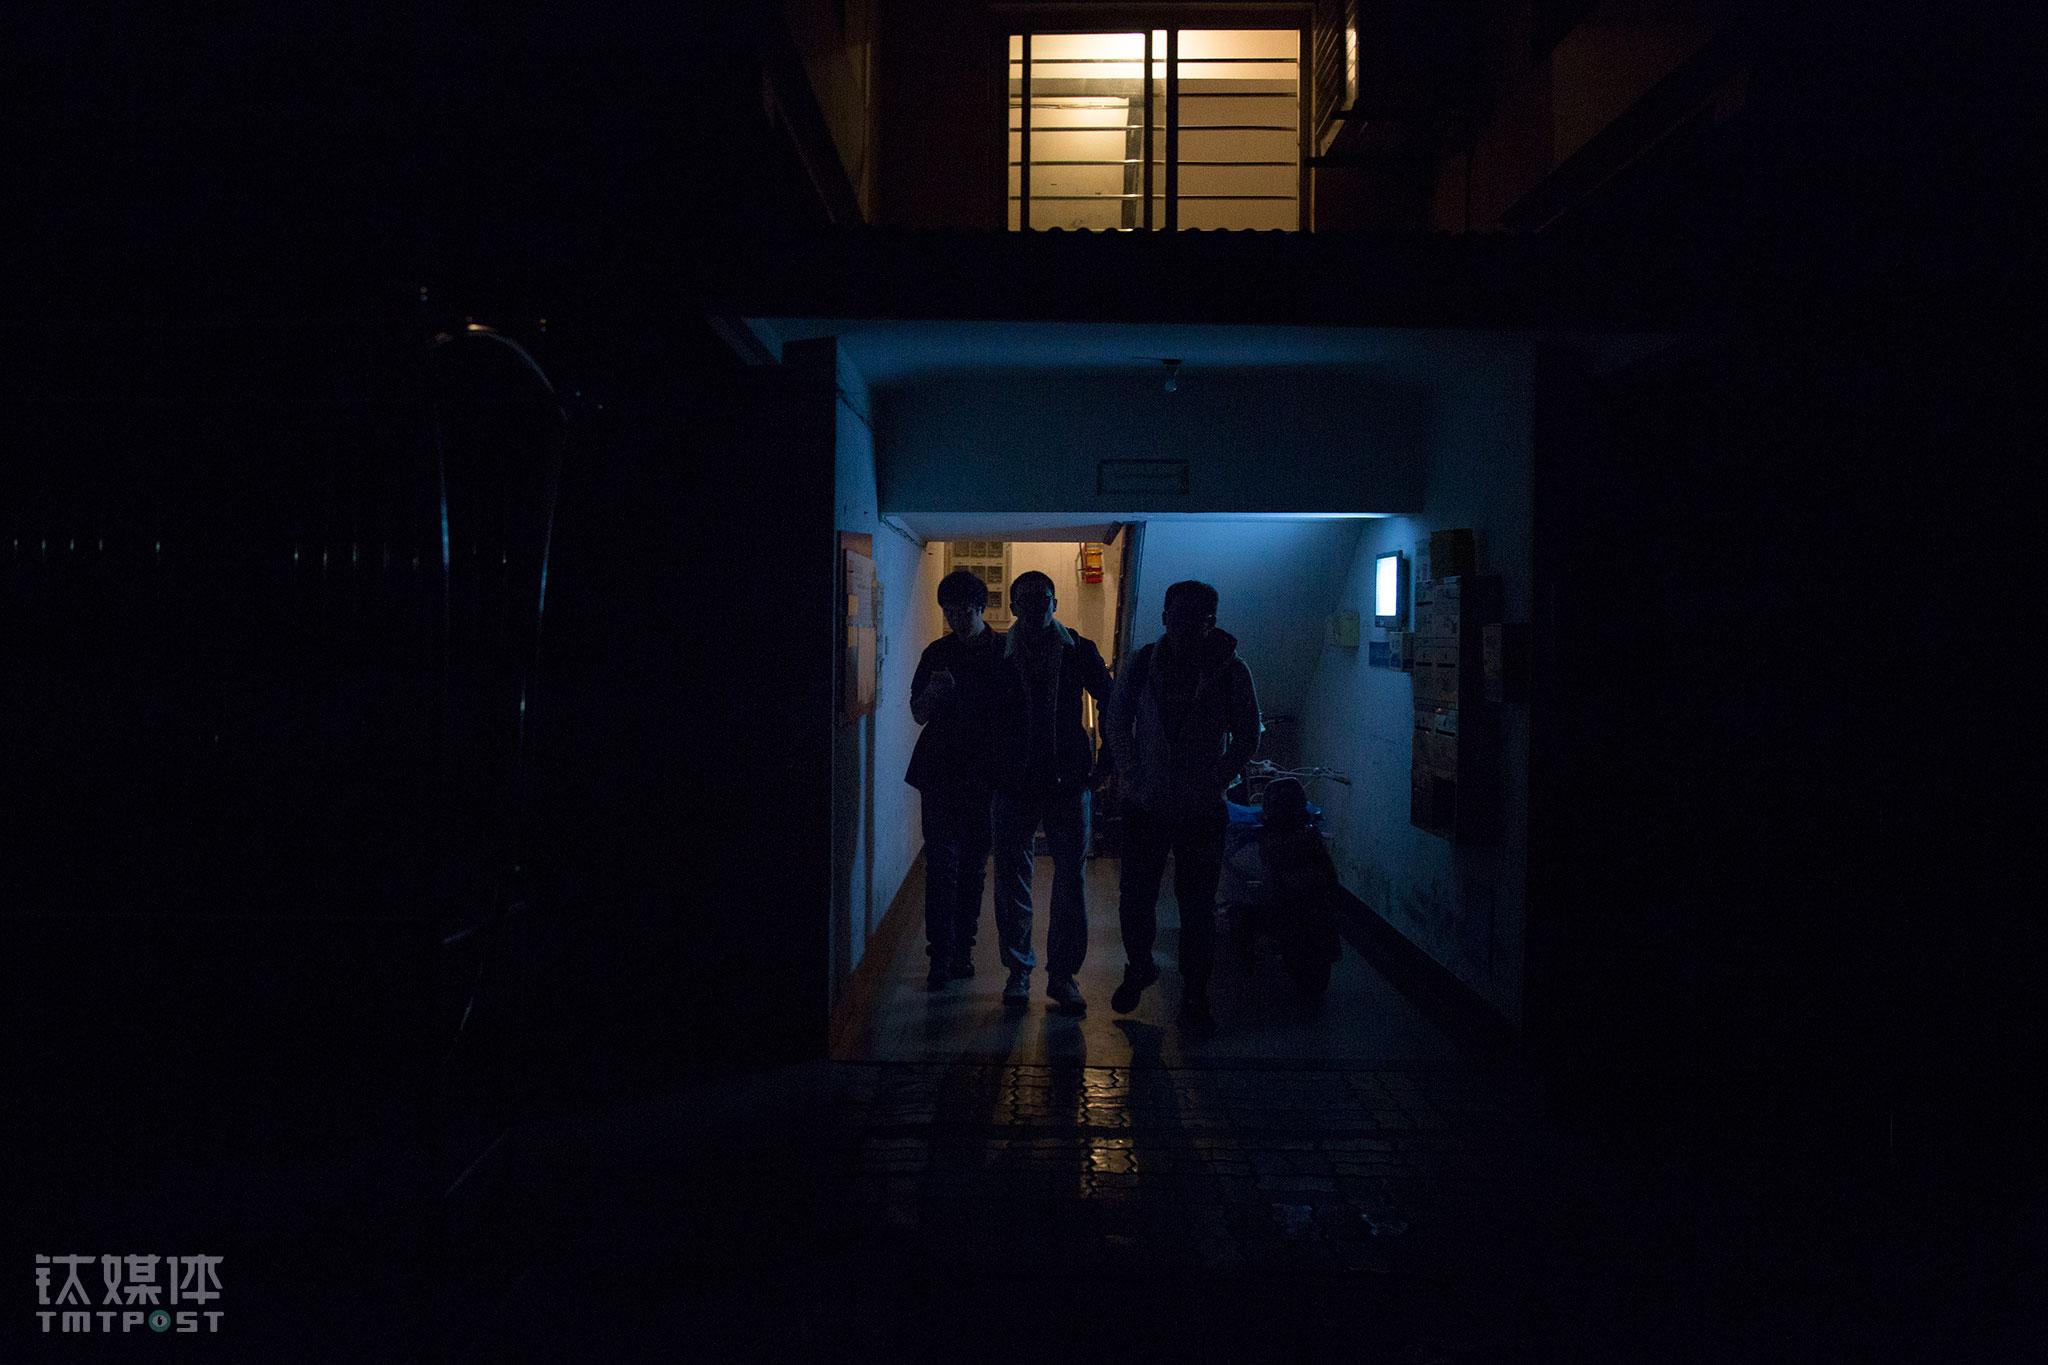 """接近凌晨1点,最后三名员工走出湖畔花园的公寓。进驻到湖畔花园,对这些年轻人来说就意味着""""笃定地前行""""。在过去的十一假期,为了赶M2的发售,这个公寓没有人放假。他们把湖畔花园的每一天,都当成""""没有退路的创业""""。钉钉的团队什么时候会走出湖畔花园?钉钉有自己的愿景:如果有一天钉钉可以为4300万中小企业提供优质的服务,为4300万中小企业解决问题,那一天钉钉才可以真正走出这里。"""